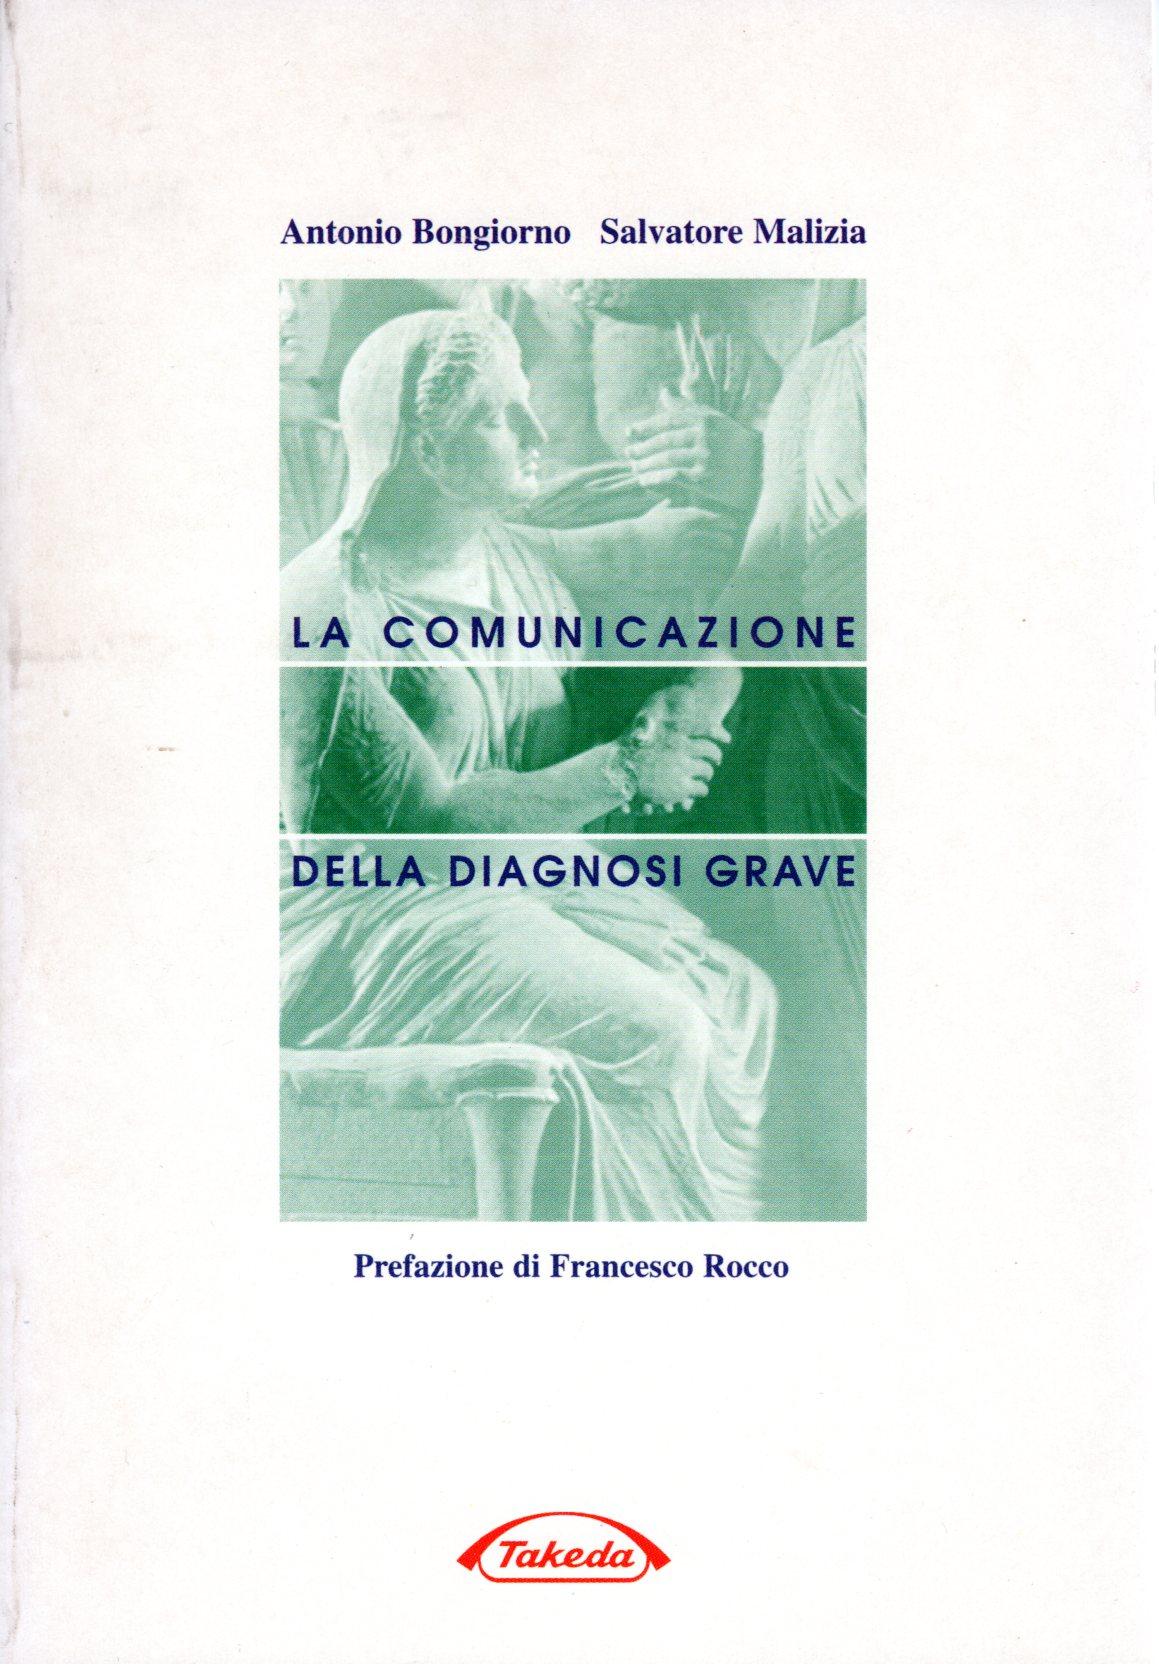 La comunicazione della diagnosi grave